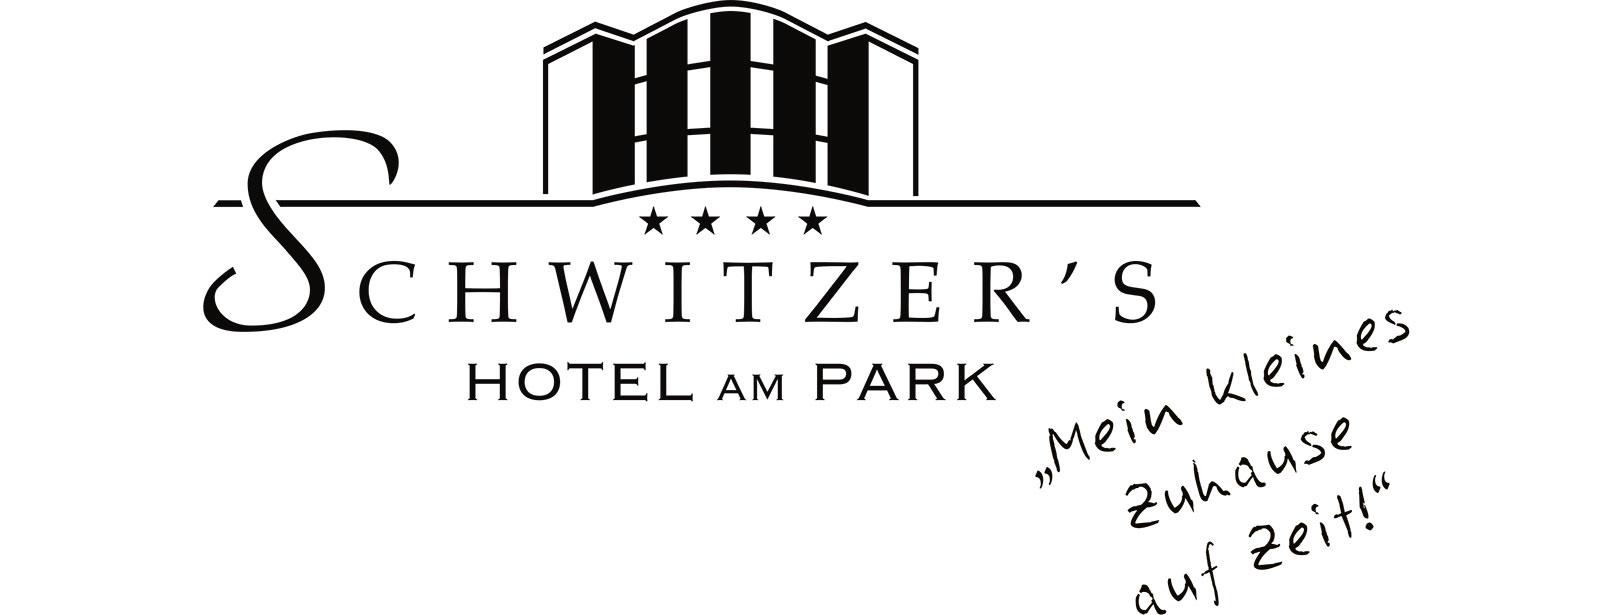 Schwitzer's Hotel am Park